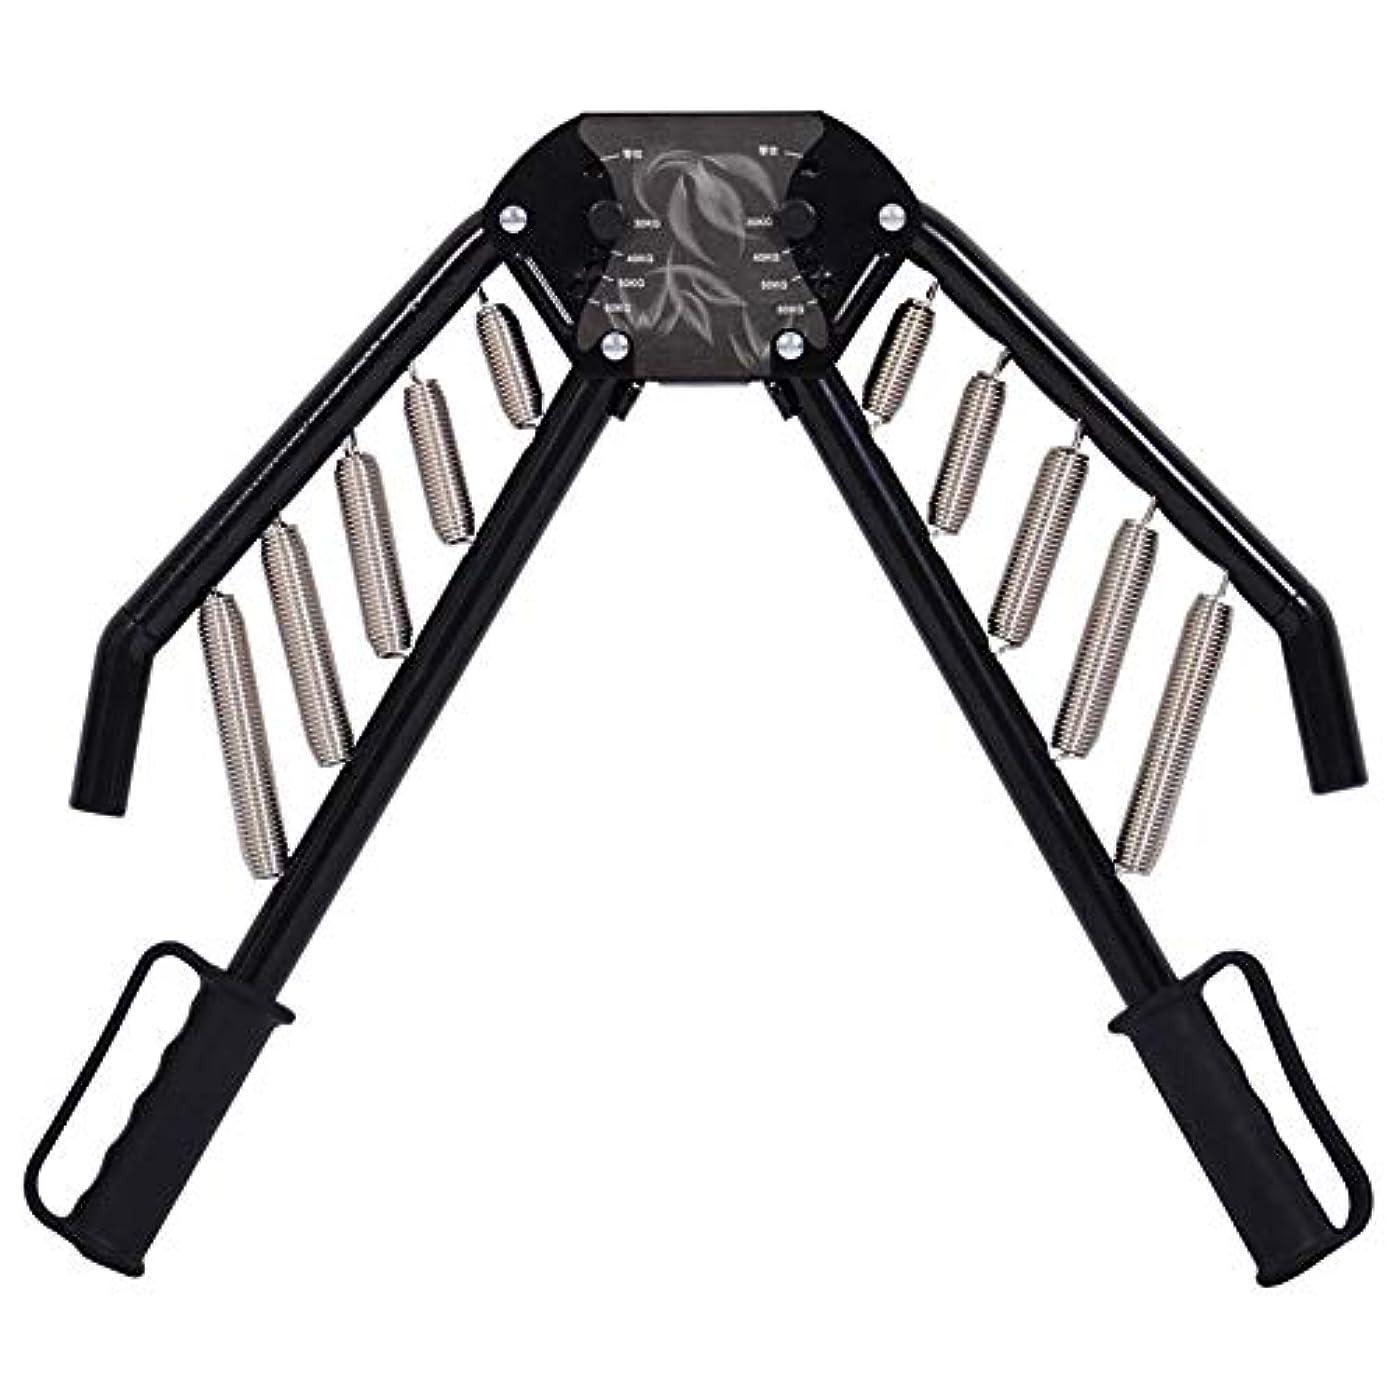 左広がりインド調節可能な抵抗のパワーツイスター春バー、腕の前腕エクセチェストエキスパンダー(30kgの - 60キロ)